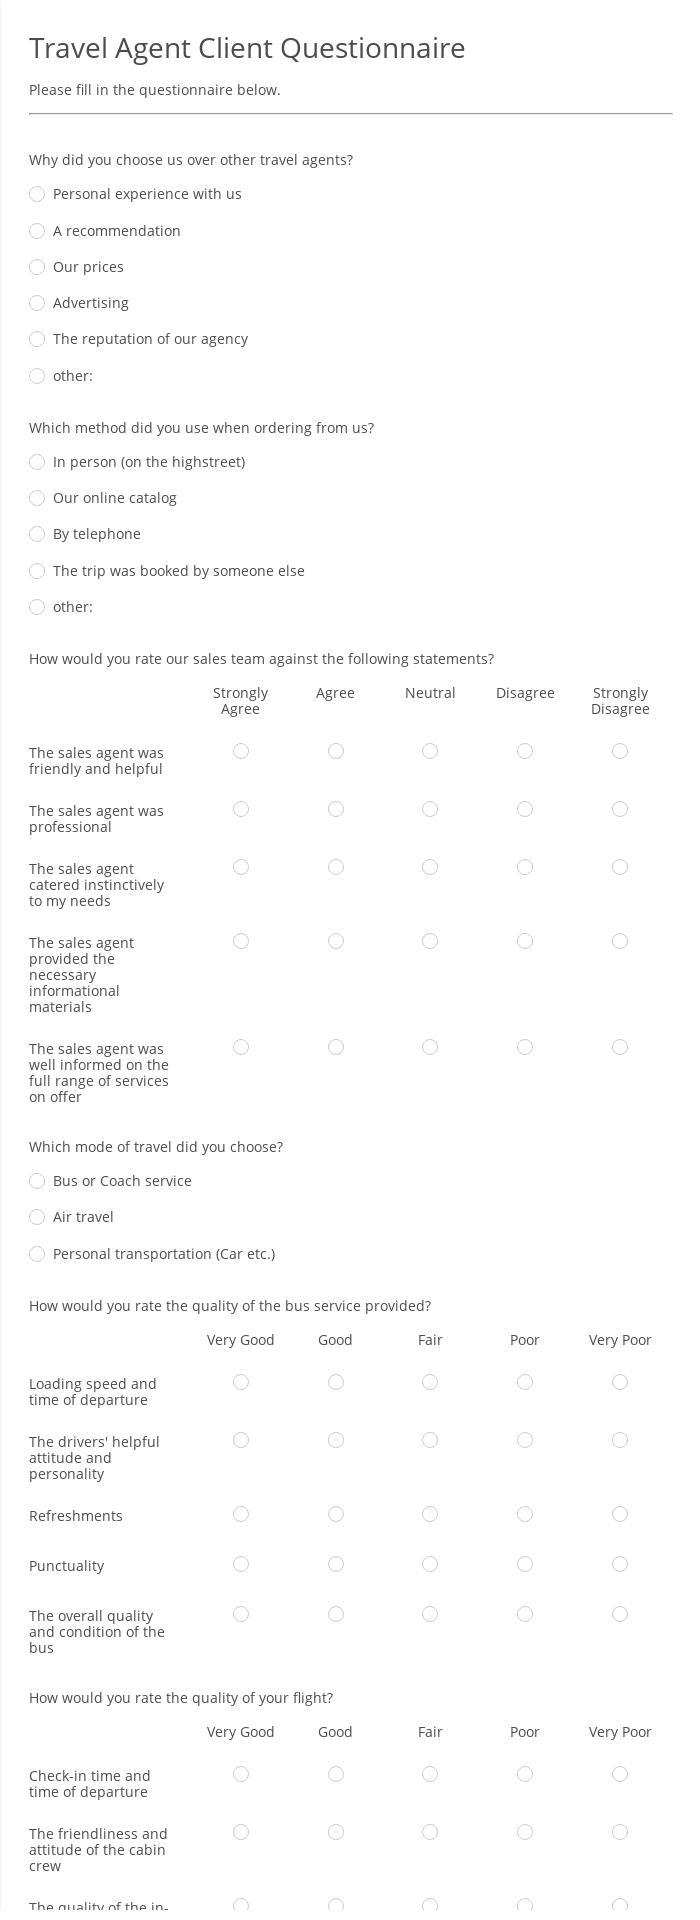 Travel Agent Client Questionnaire